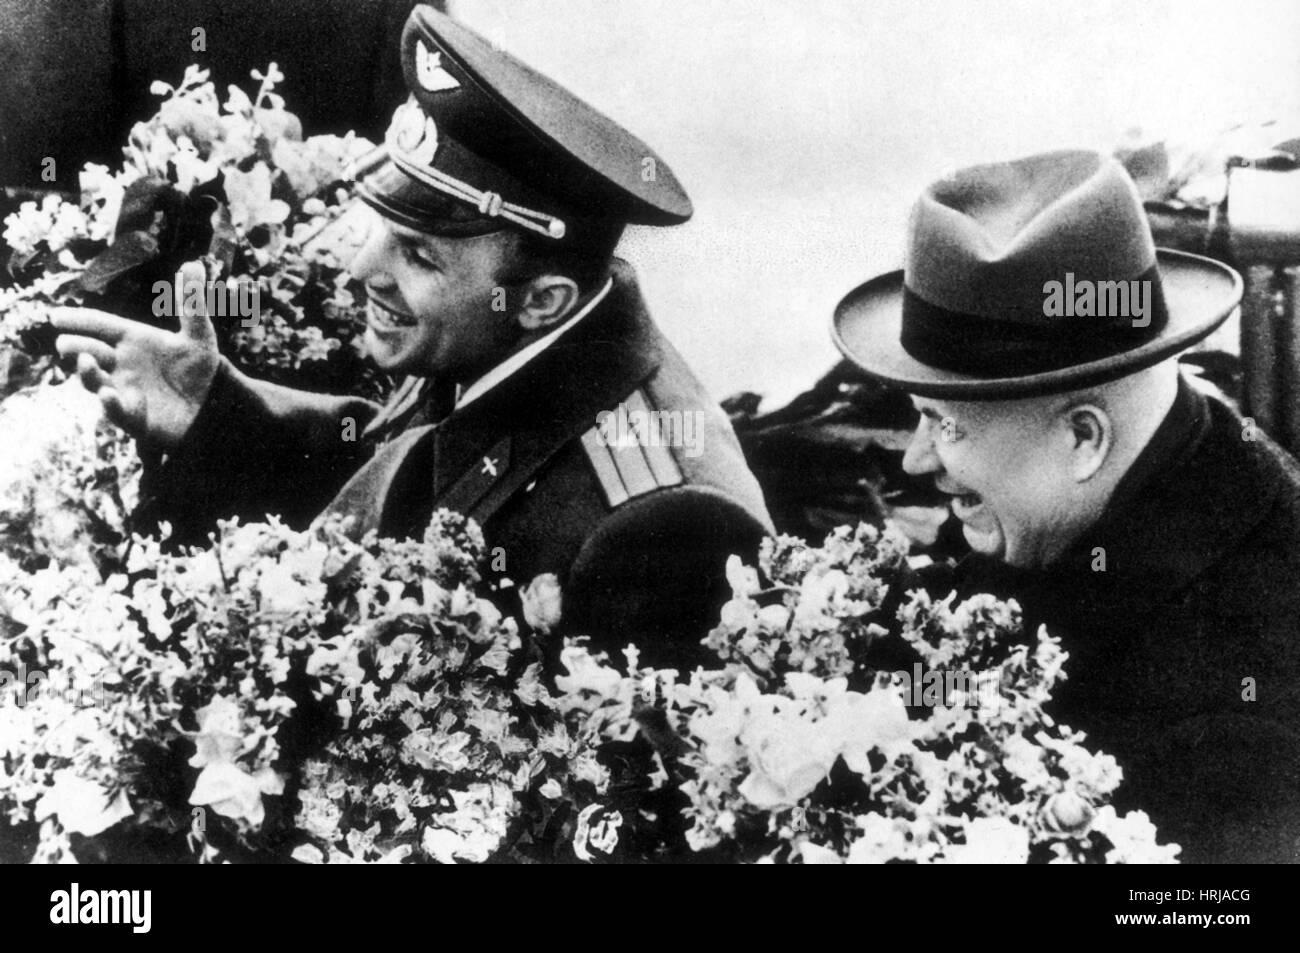 Yuri Gagarin and Nikita Khrushchev, 1961 - Stock Image